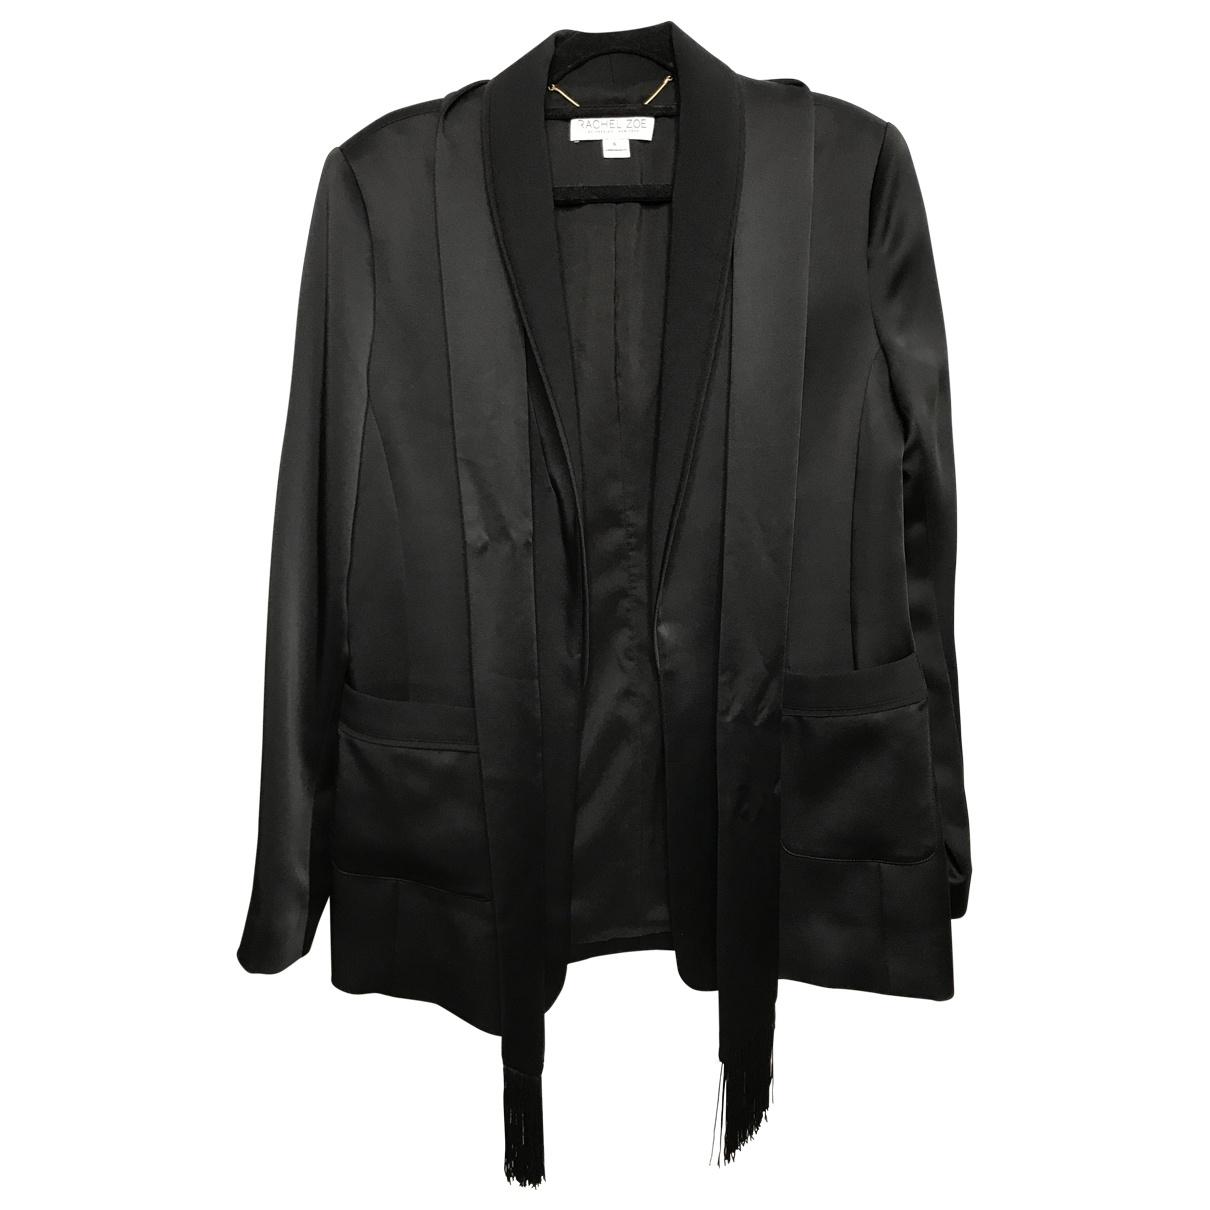 Rachel Zoe \N Black jacket for Women 6 US